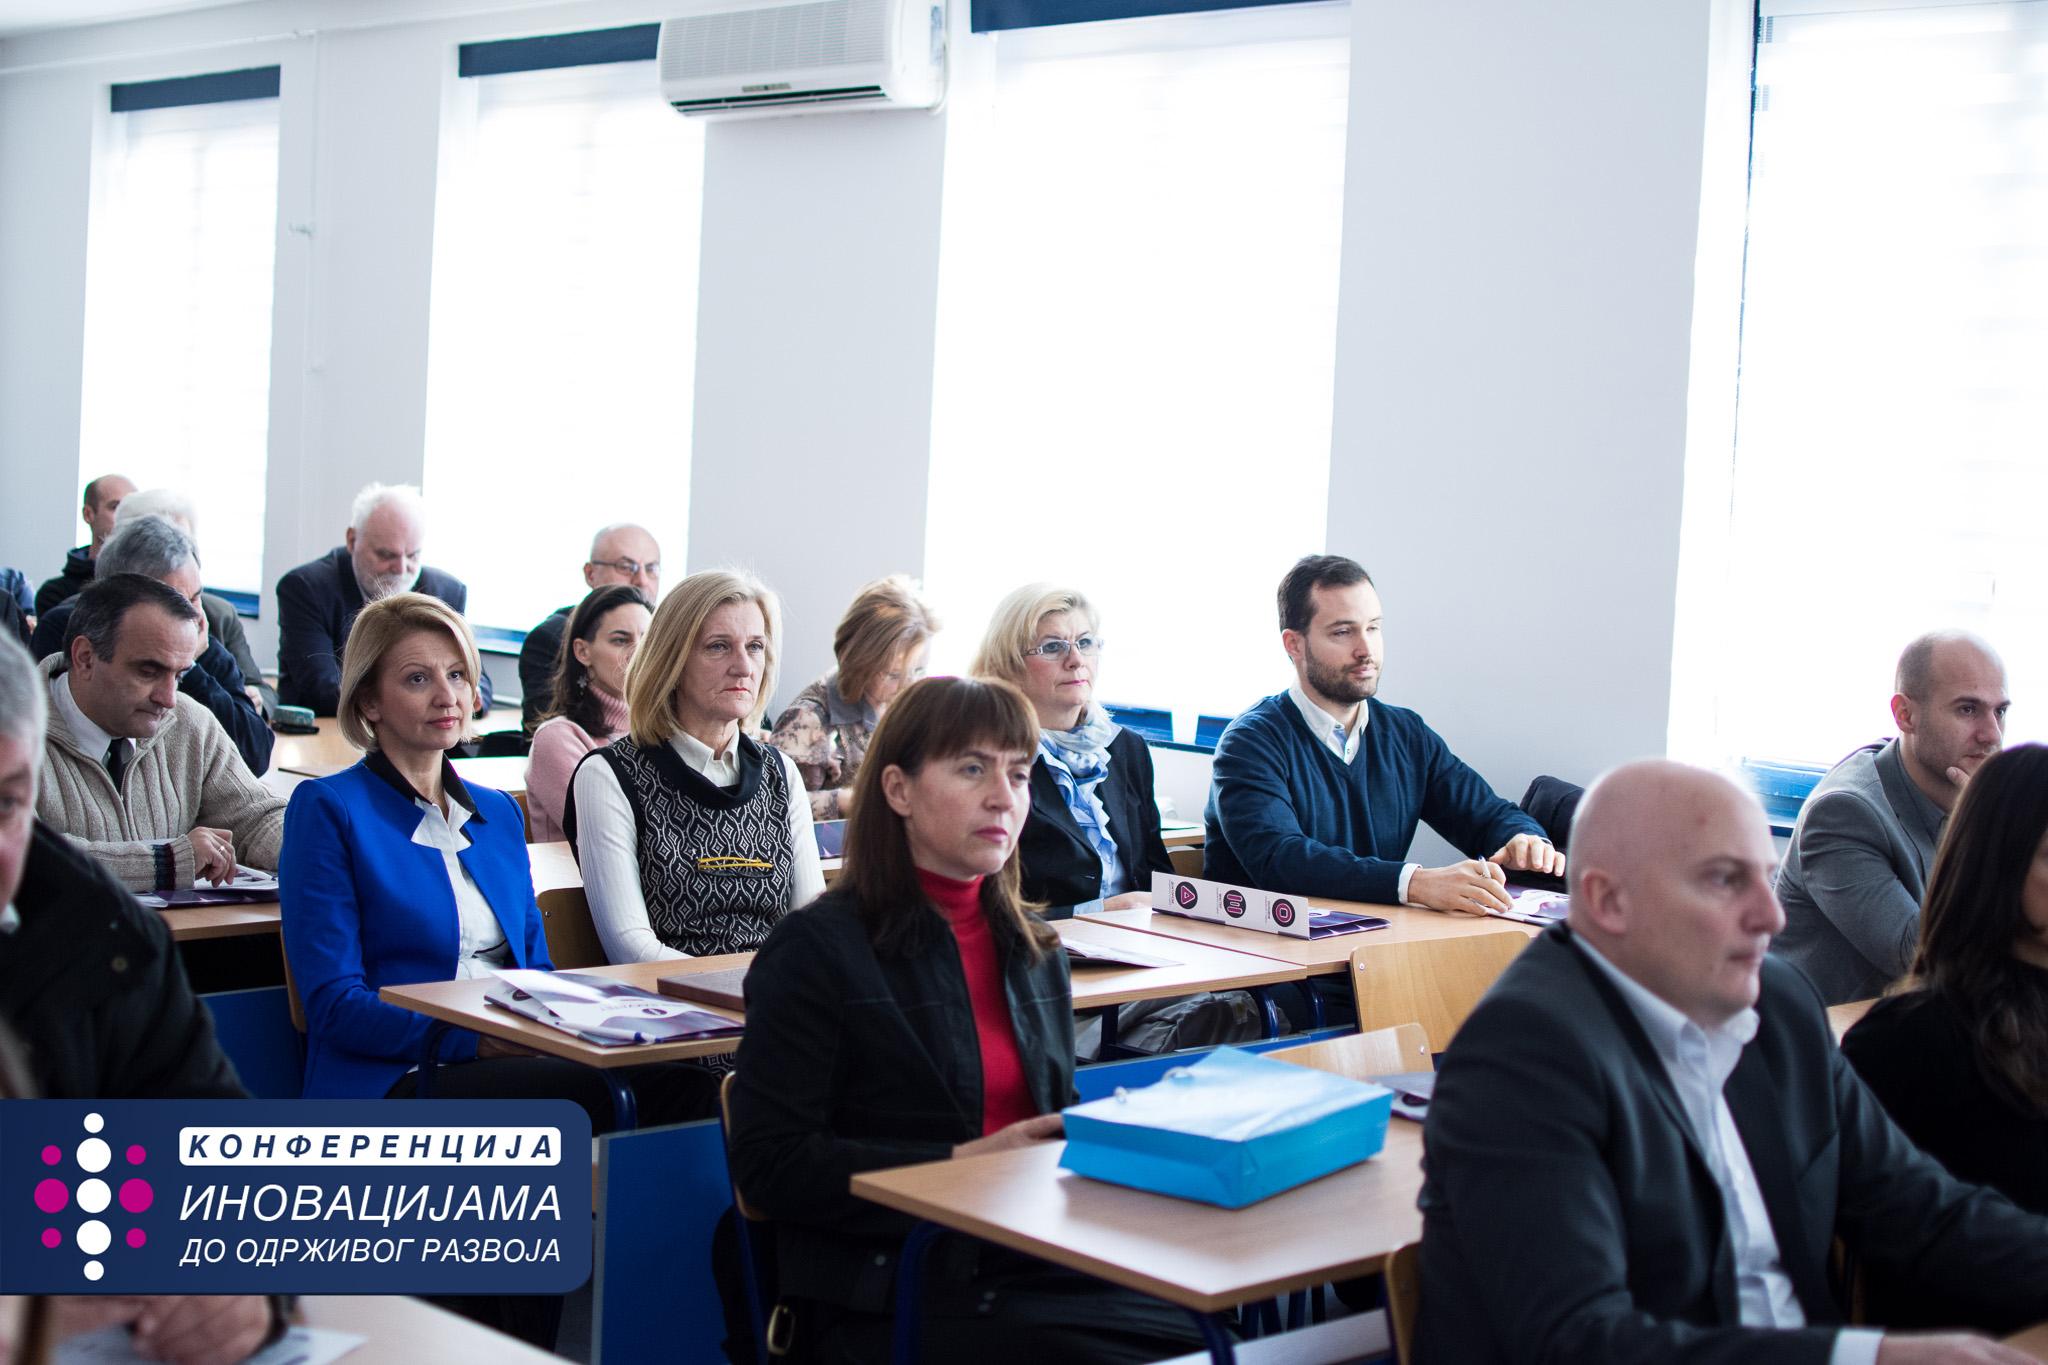 MEF Fakultet - izvestaj sa konferencije 12